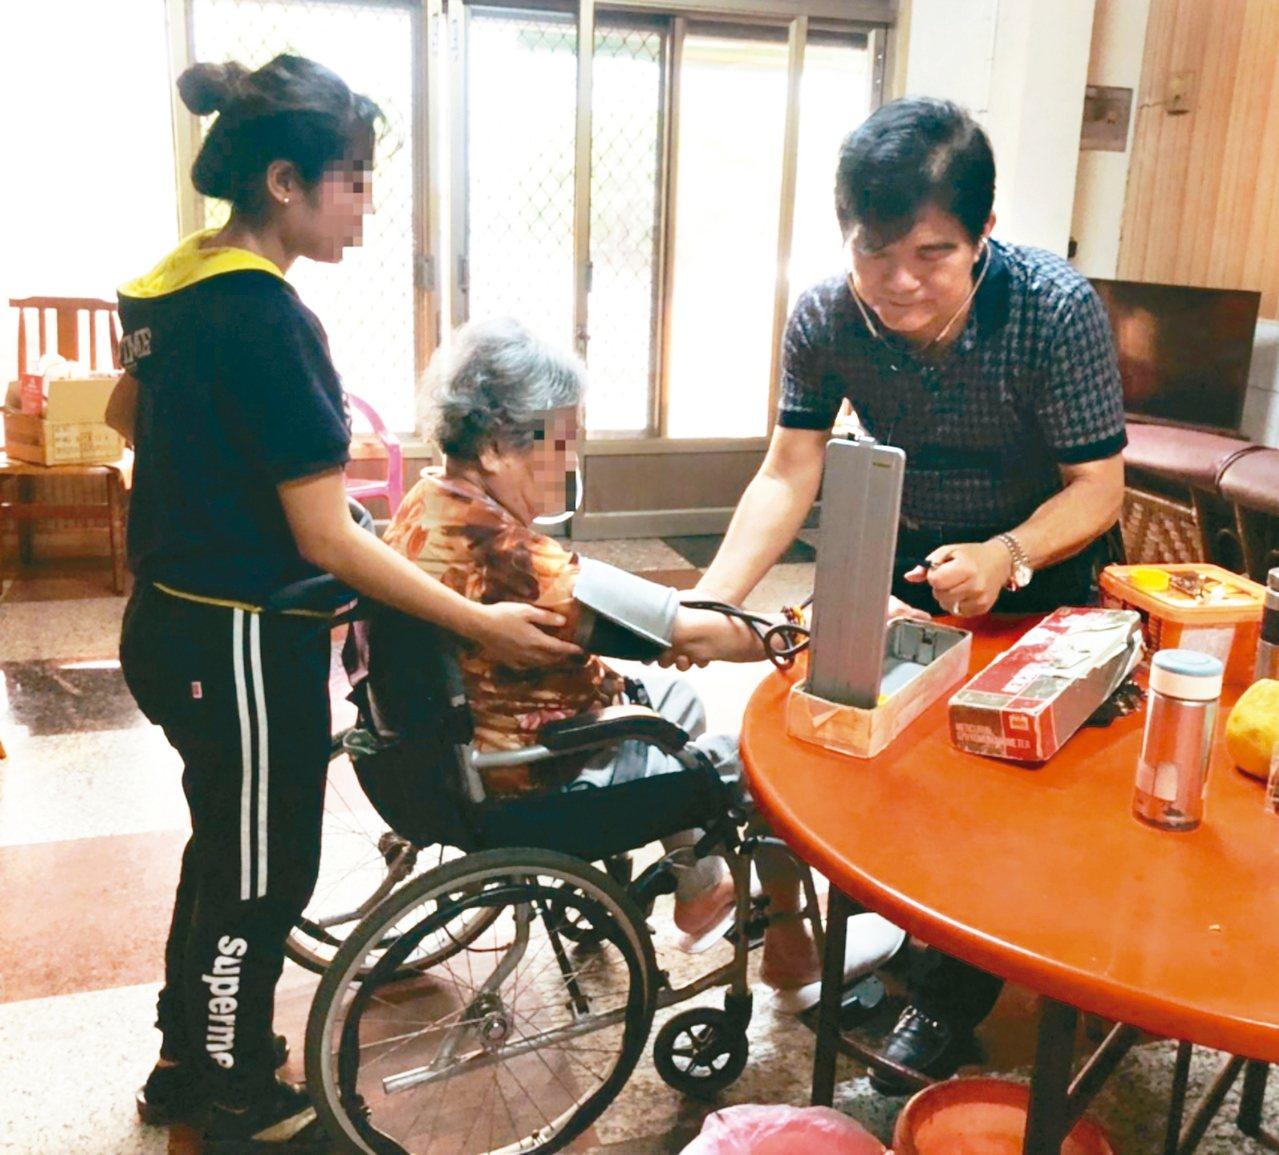 在岡山區開業的醫師吳宗慶(右)利用繁忙的看診空檔出任務做居家醫療,讓不便出外就醫...